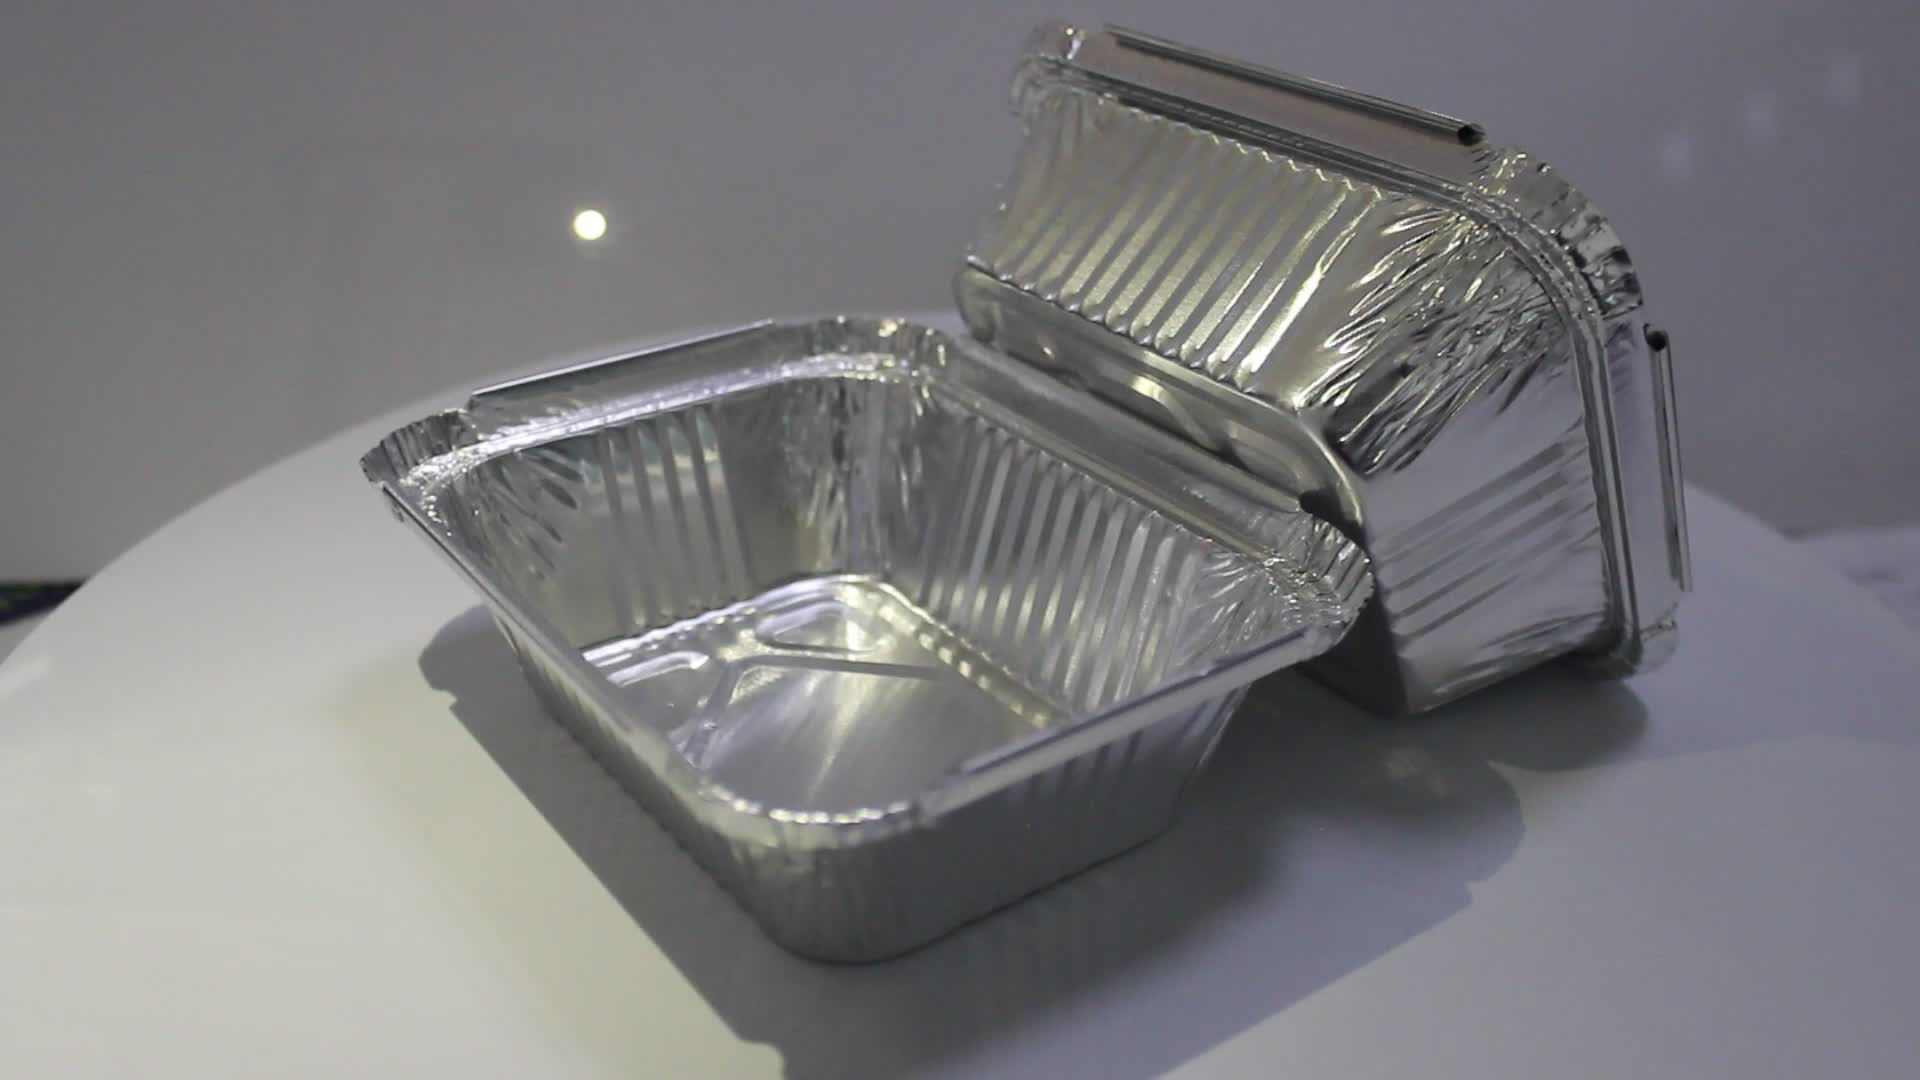 250 мл объем 0.5lb емкость алюминиевая фольга контейнер/вынуть контейнер/алюминиевый одноразовый контейнер пищевой лоток